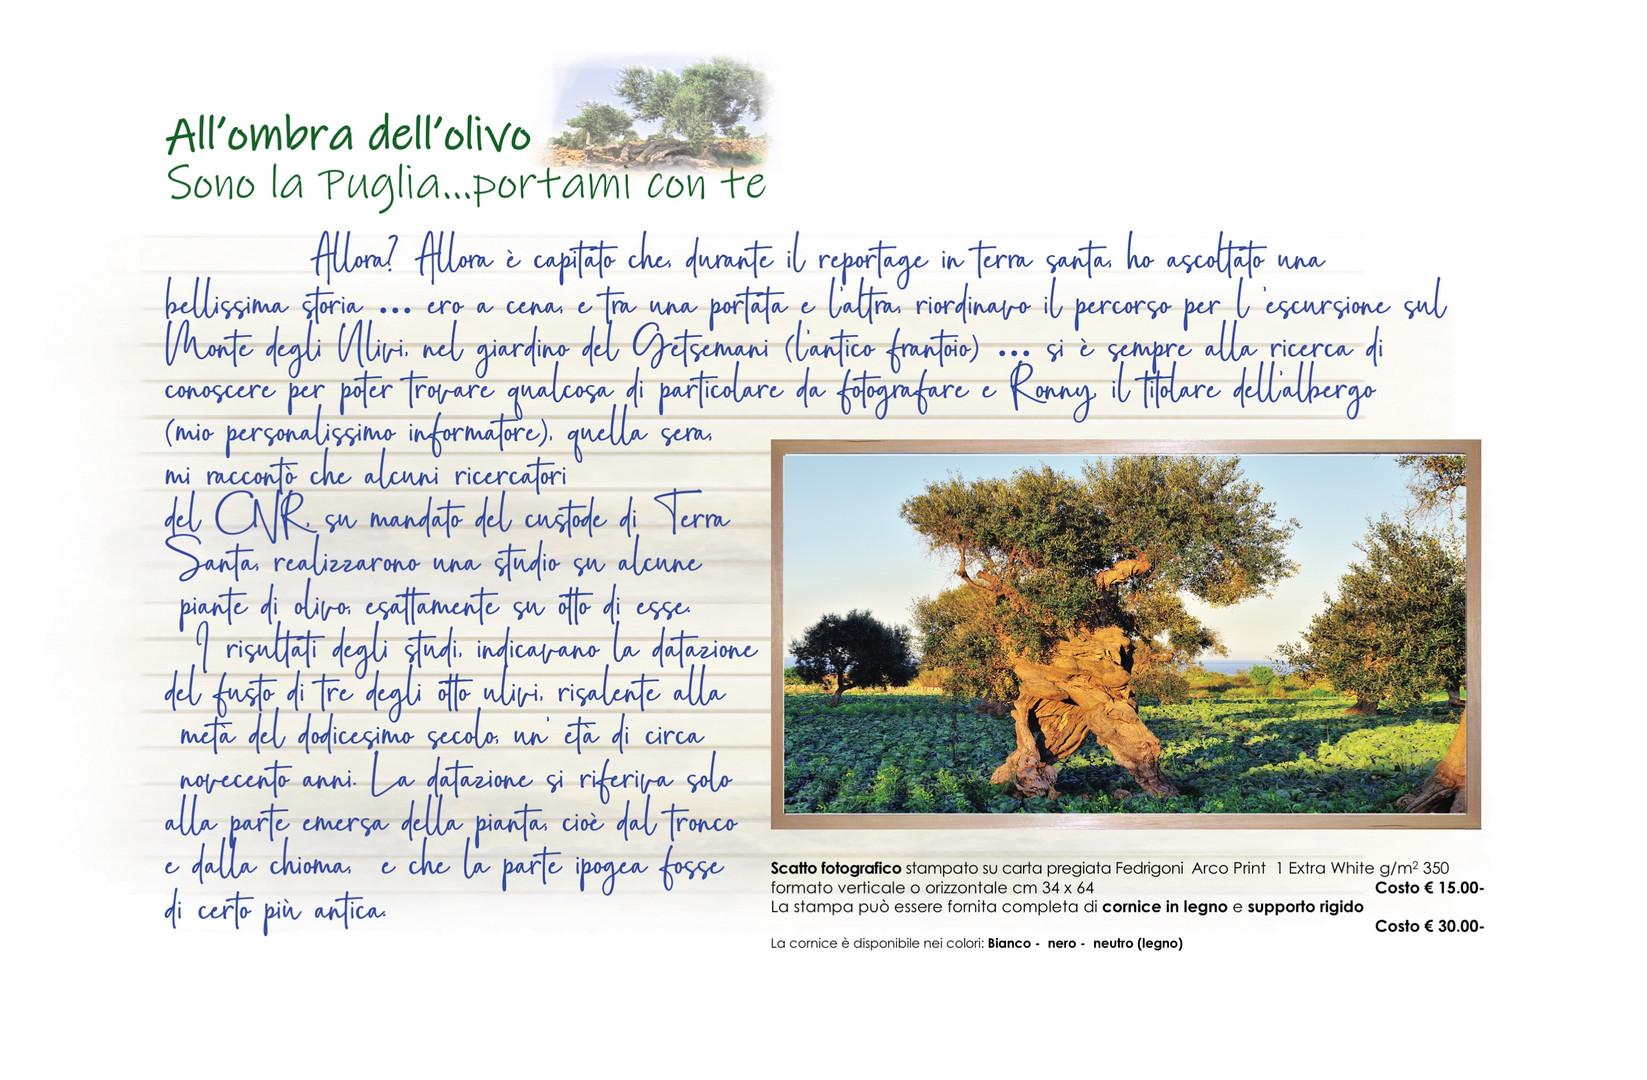 00004 All'ombra dell'olivo Talea muretto